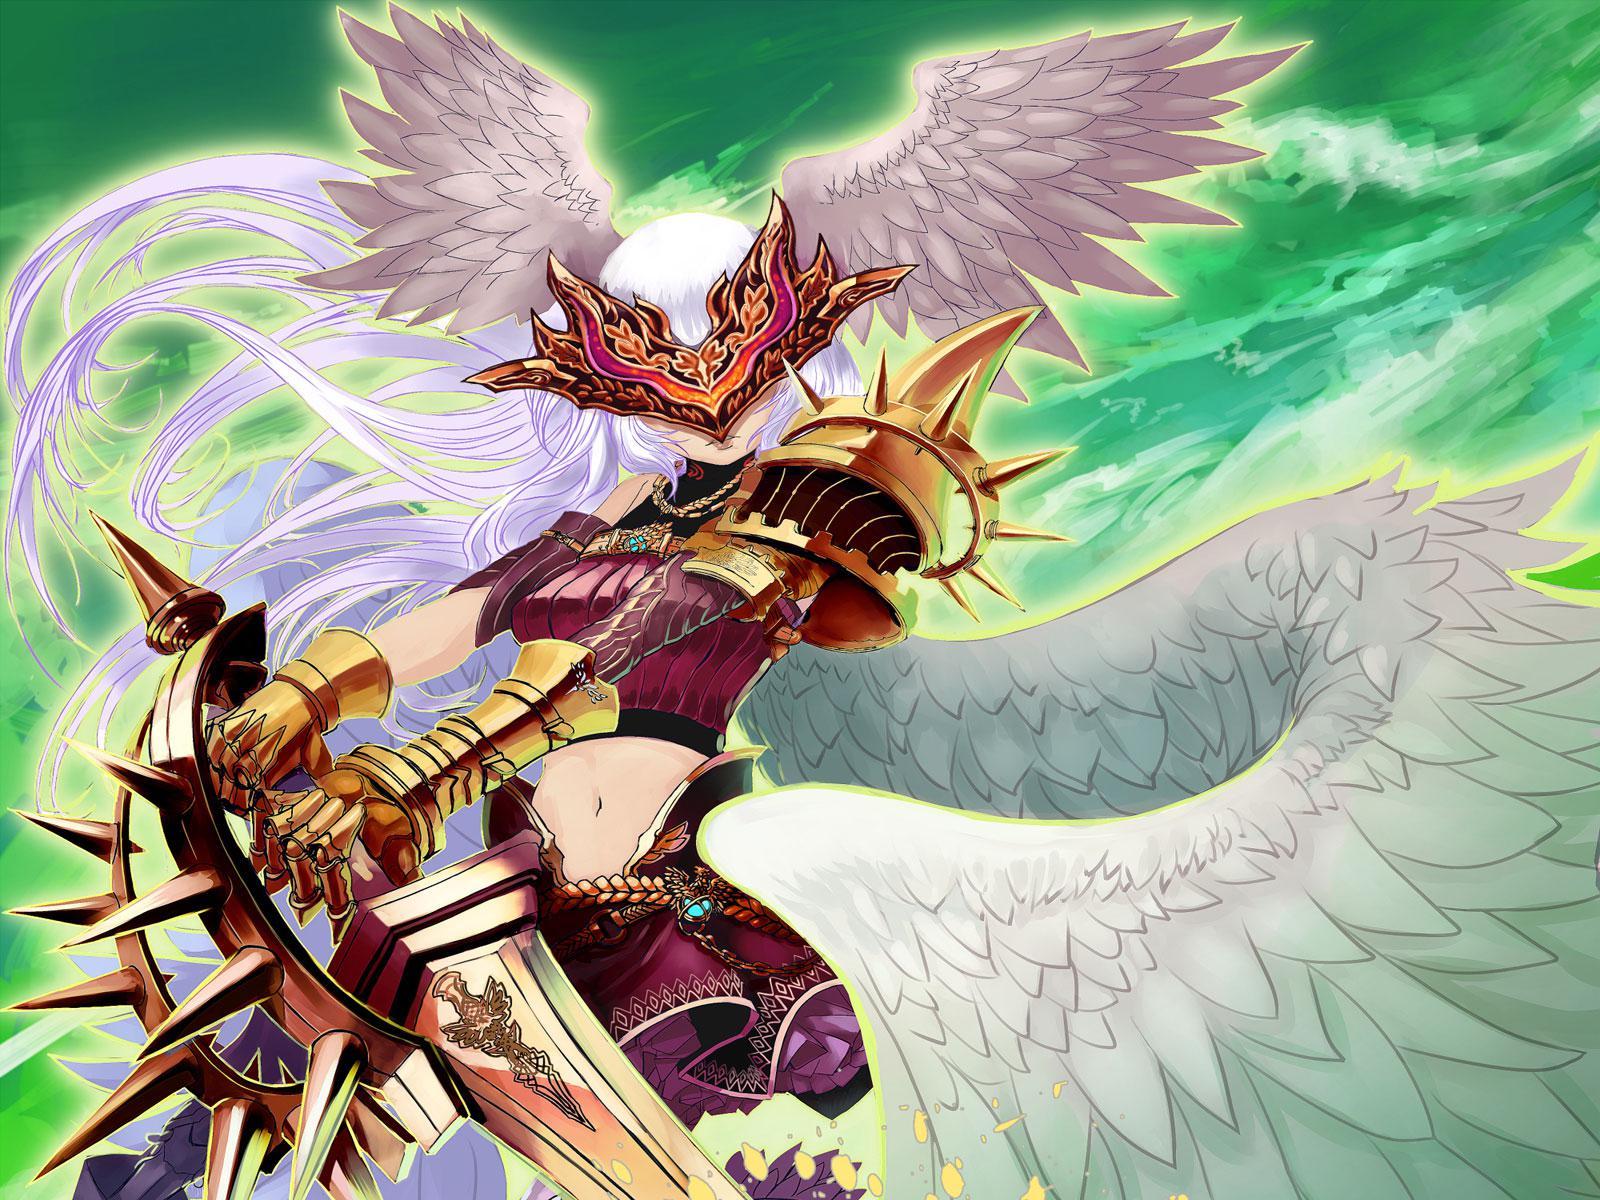 angels swords armor fantasy